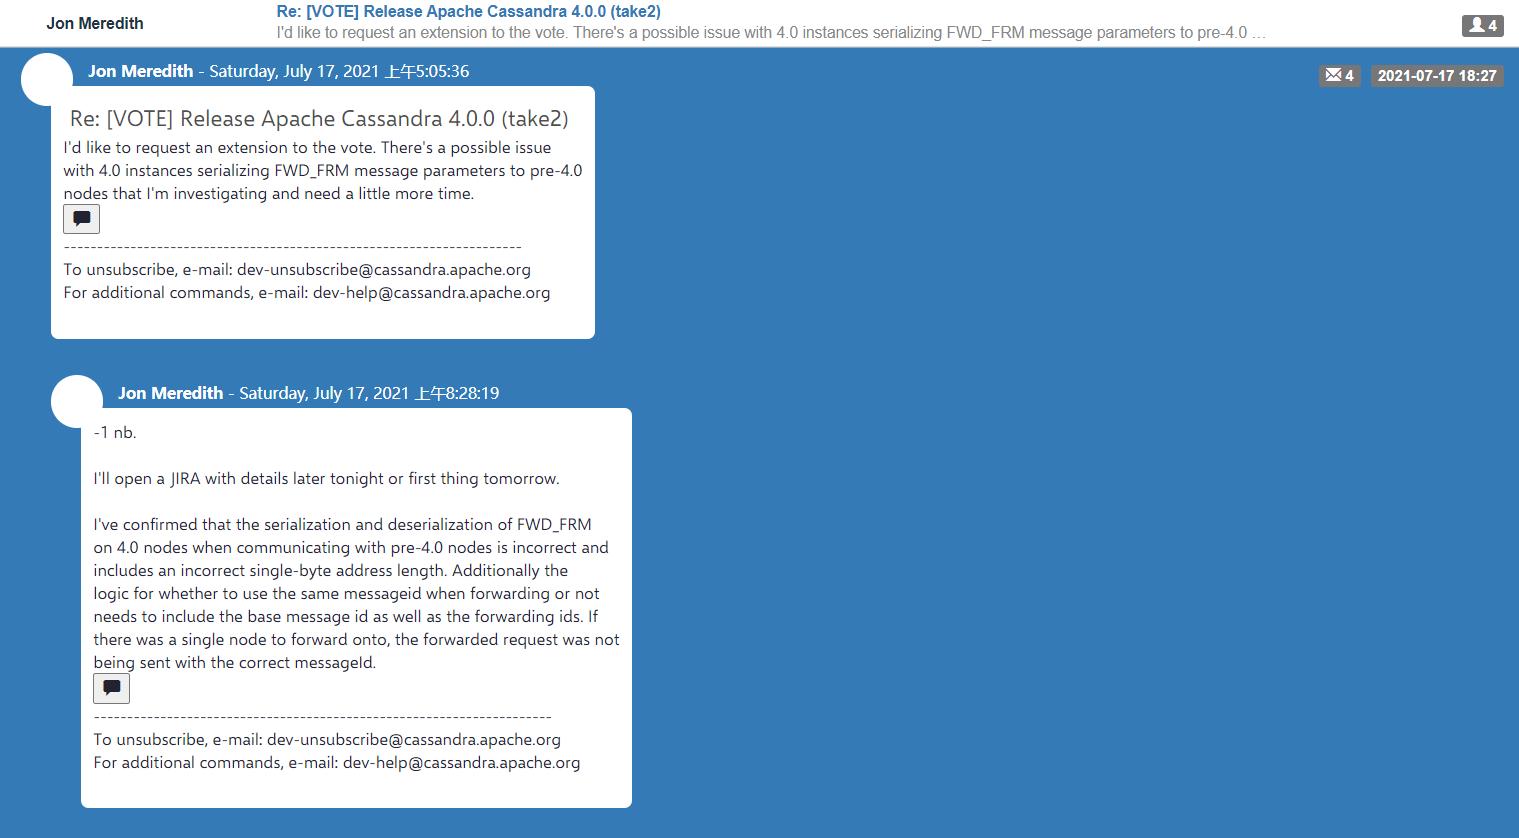 临近发版报告 bug,Cassandra 4.0 被推迟发布